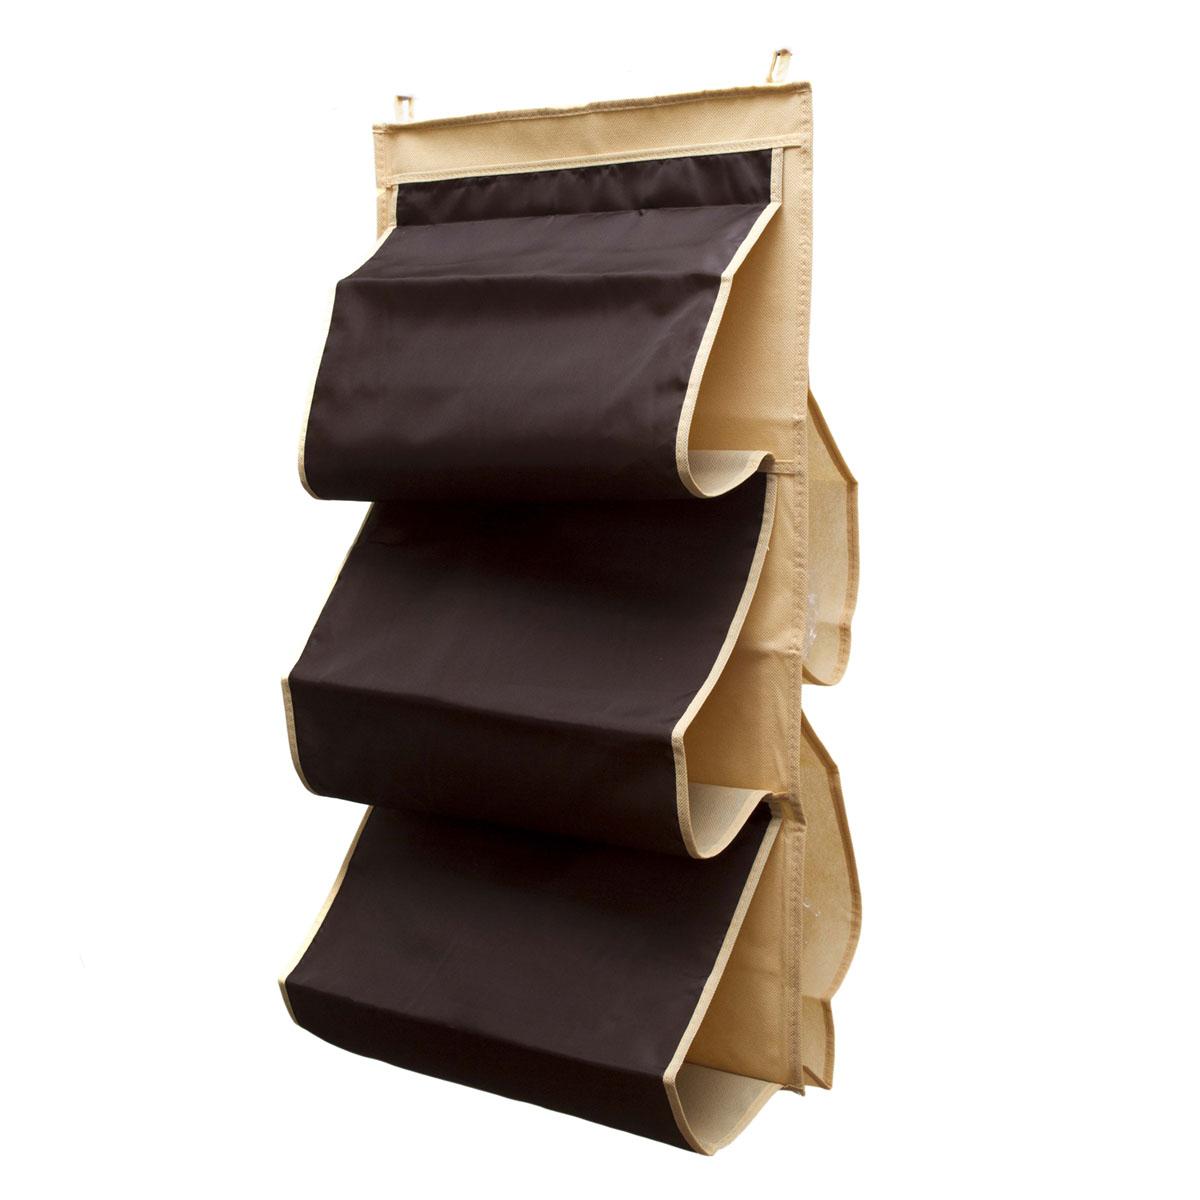 Органайзер для сумок Homsu Costa-Rica, 5 отделений, 40 х 70 см украшение декоративное homsu голова оленя 29 5 x 46 x 42 5 см